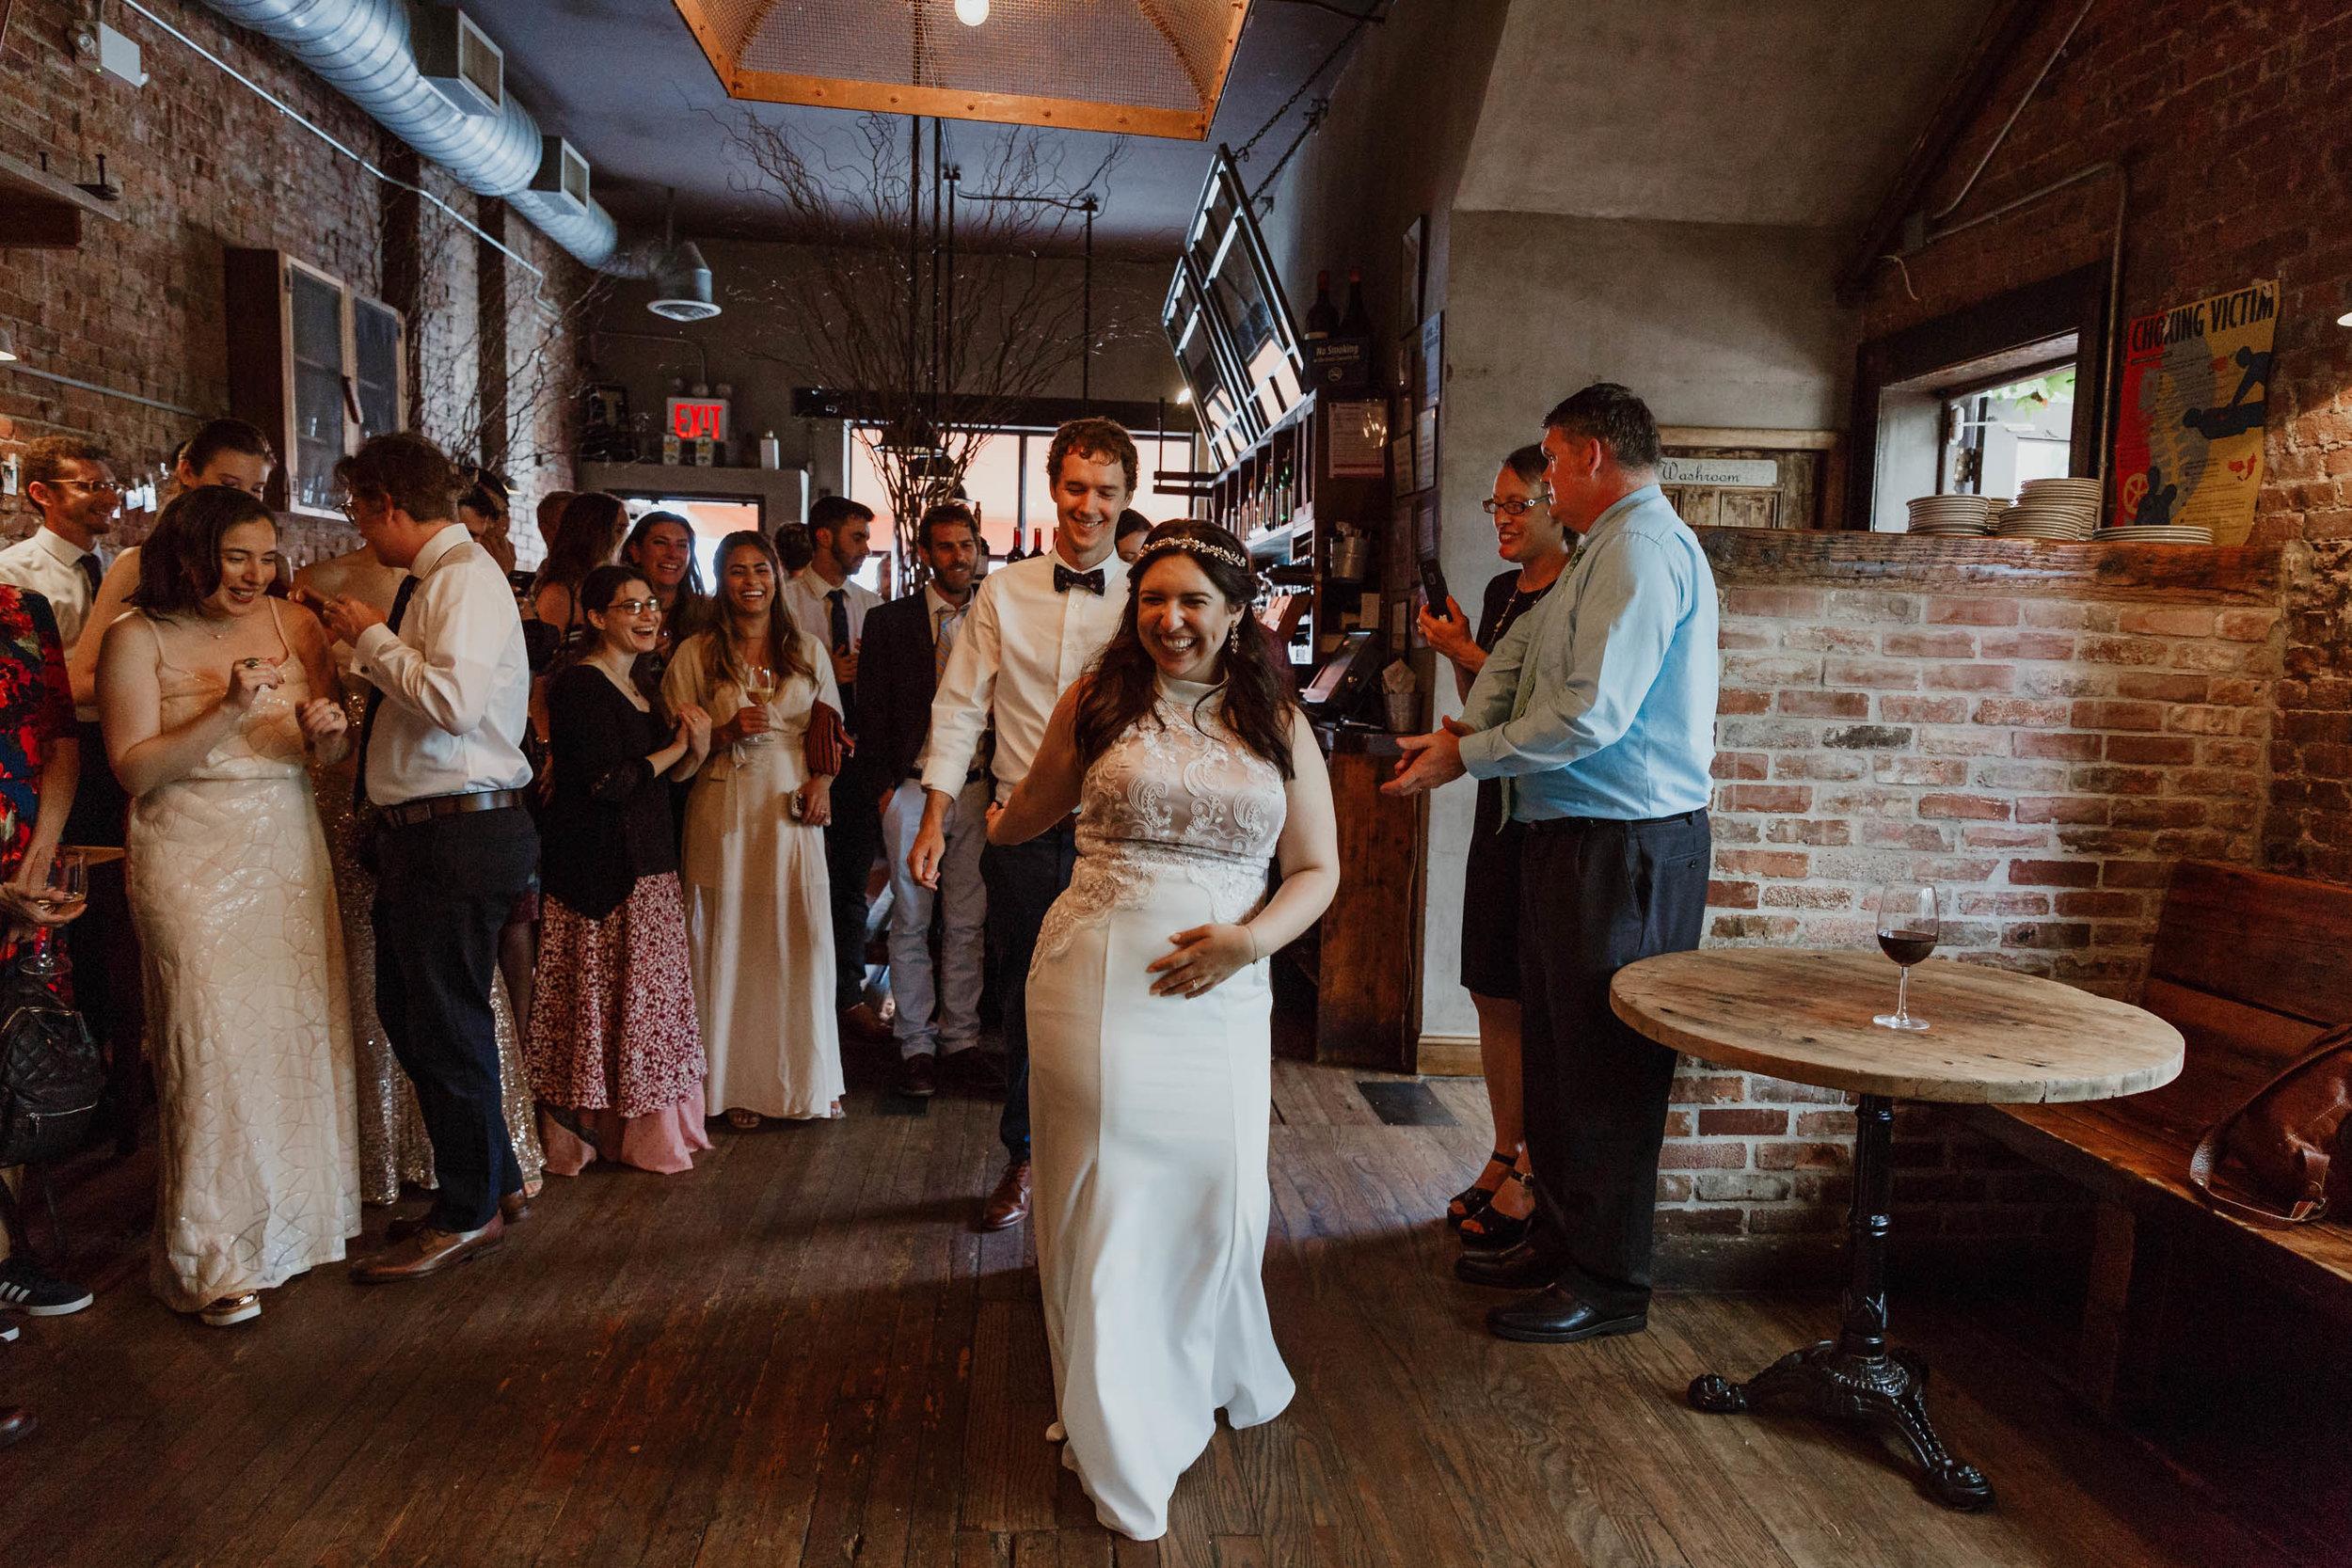 aurora-restaurant-wedding-photographer-elizabeth-tsung-photo-87.jpg